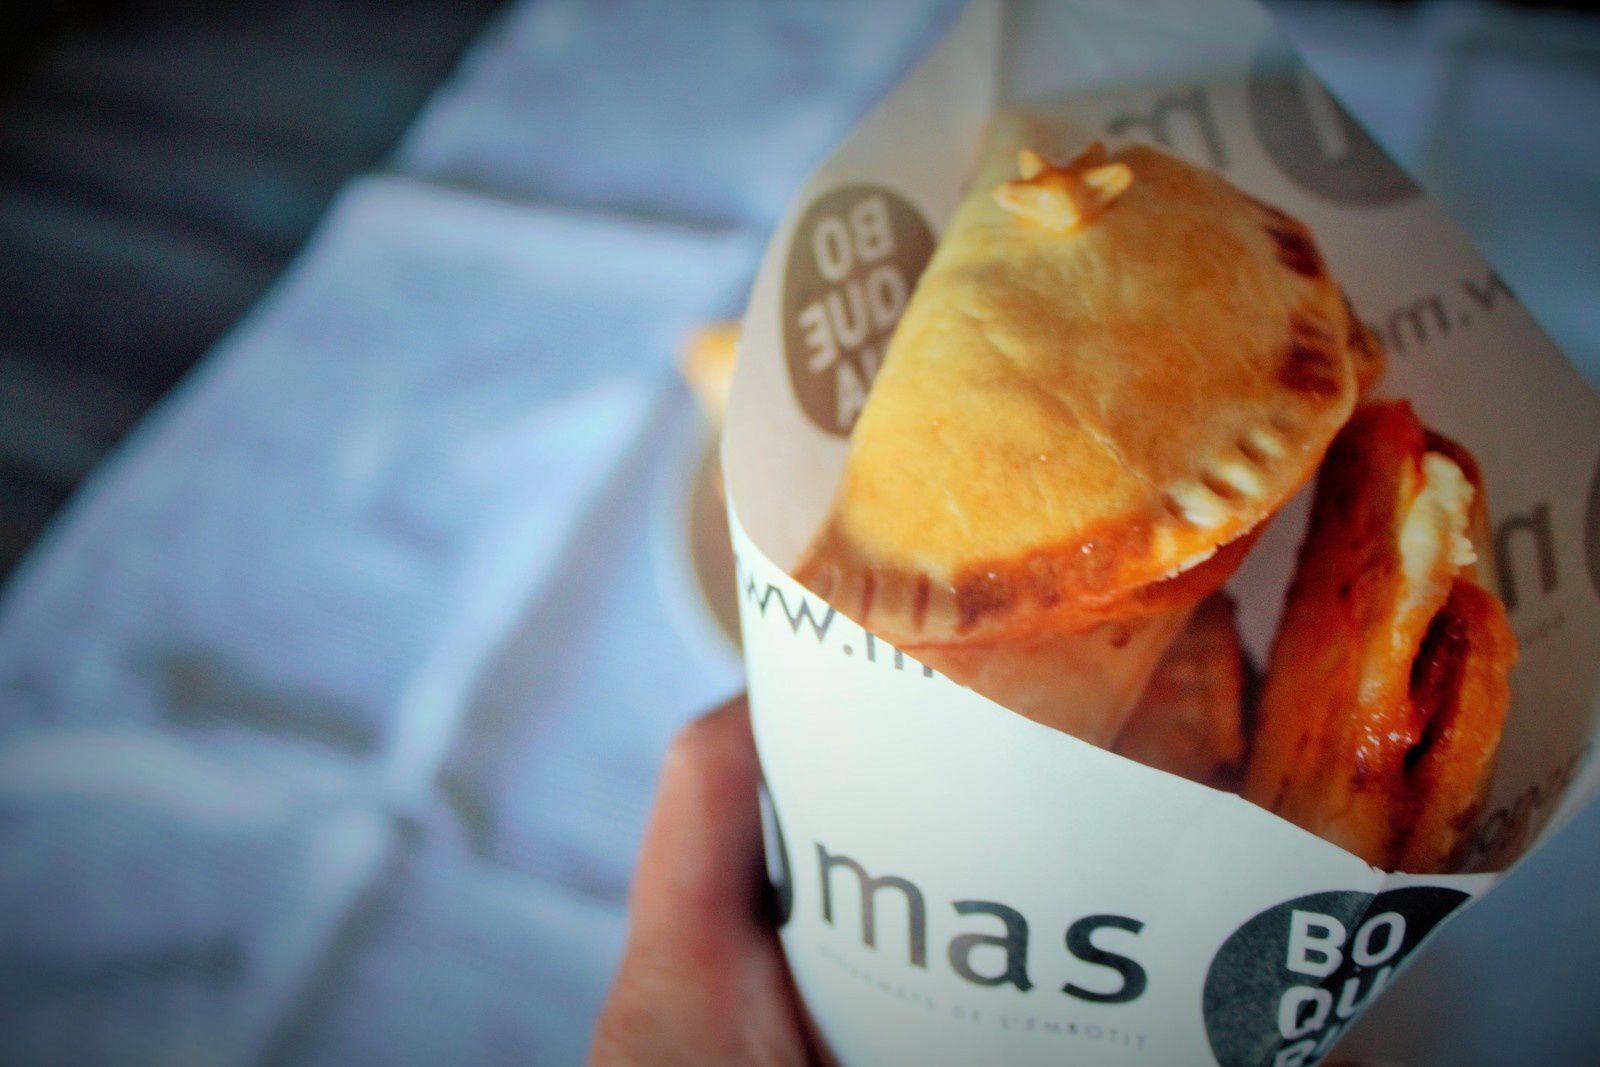 En vous promenant dans Barcelone, vous pourrez acheter des empanadas, notamment dans le quartier du Poble Sec dans des bars typiques ou des petits commerces de bouche.